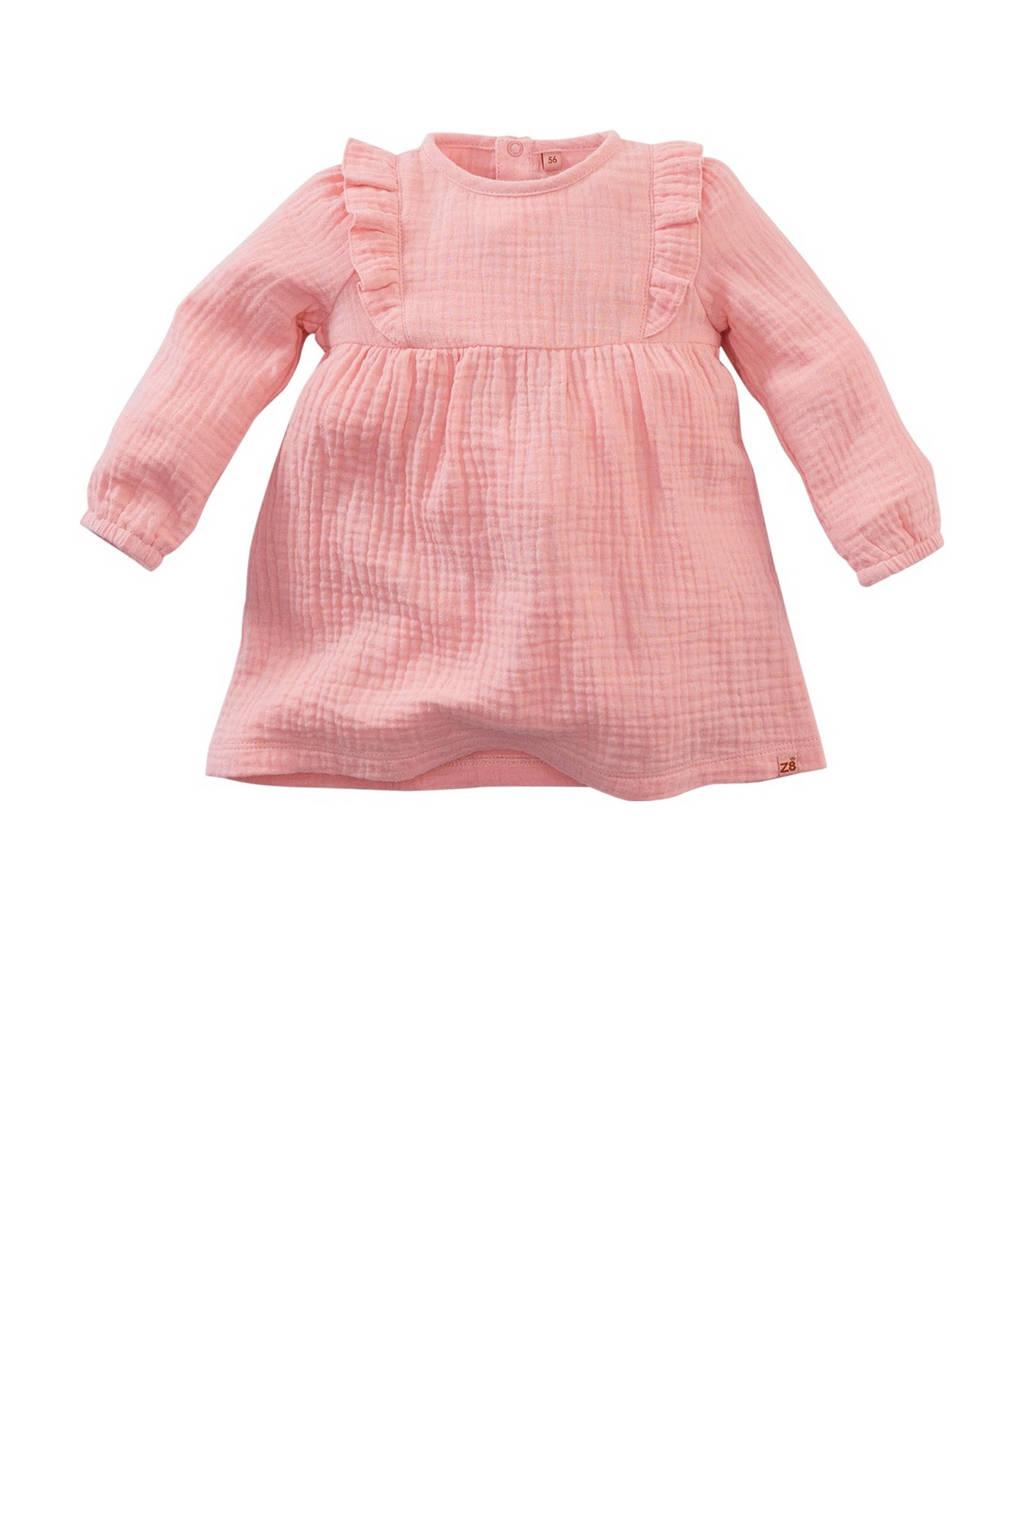 Z8 baby jurk Sandpiper met ruches roze, Roze